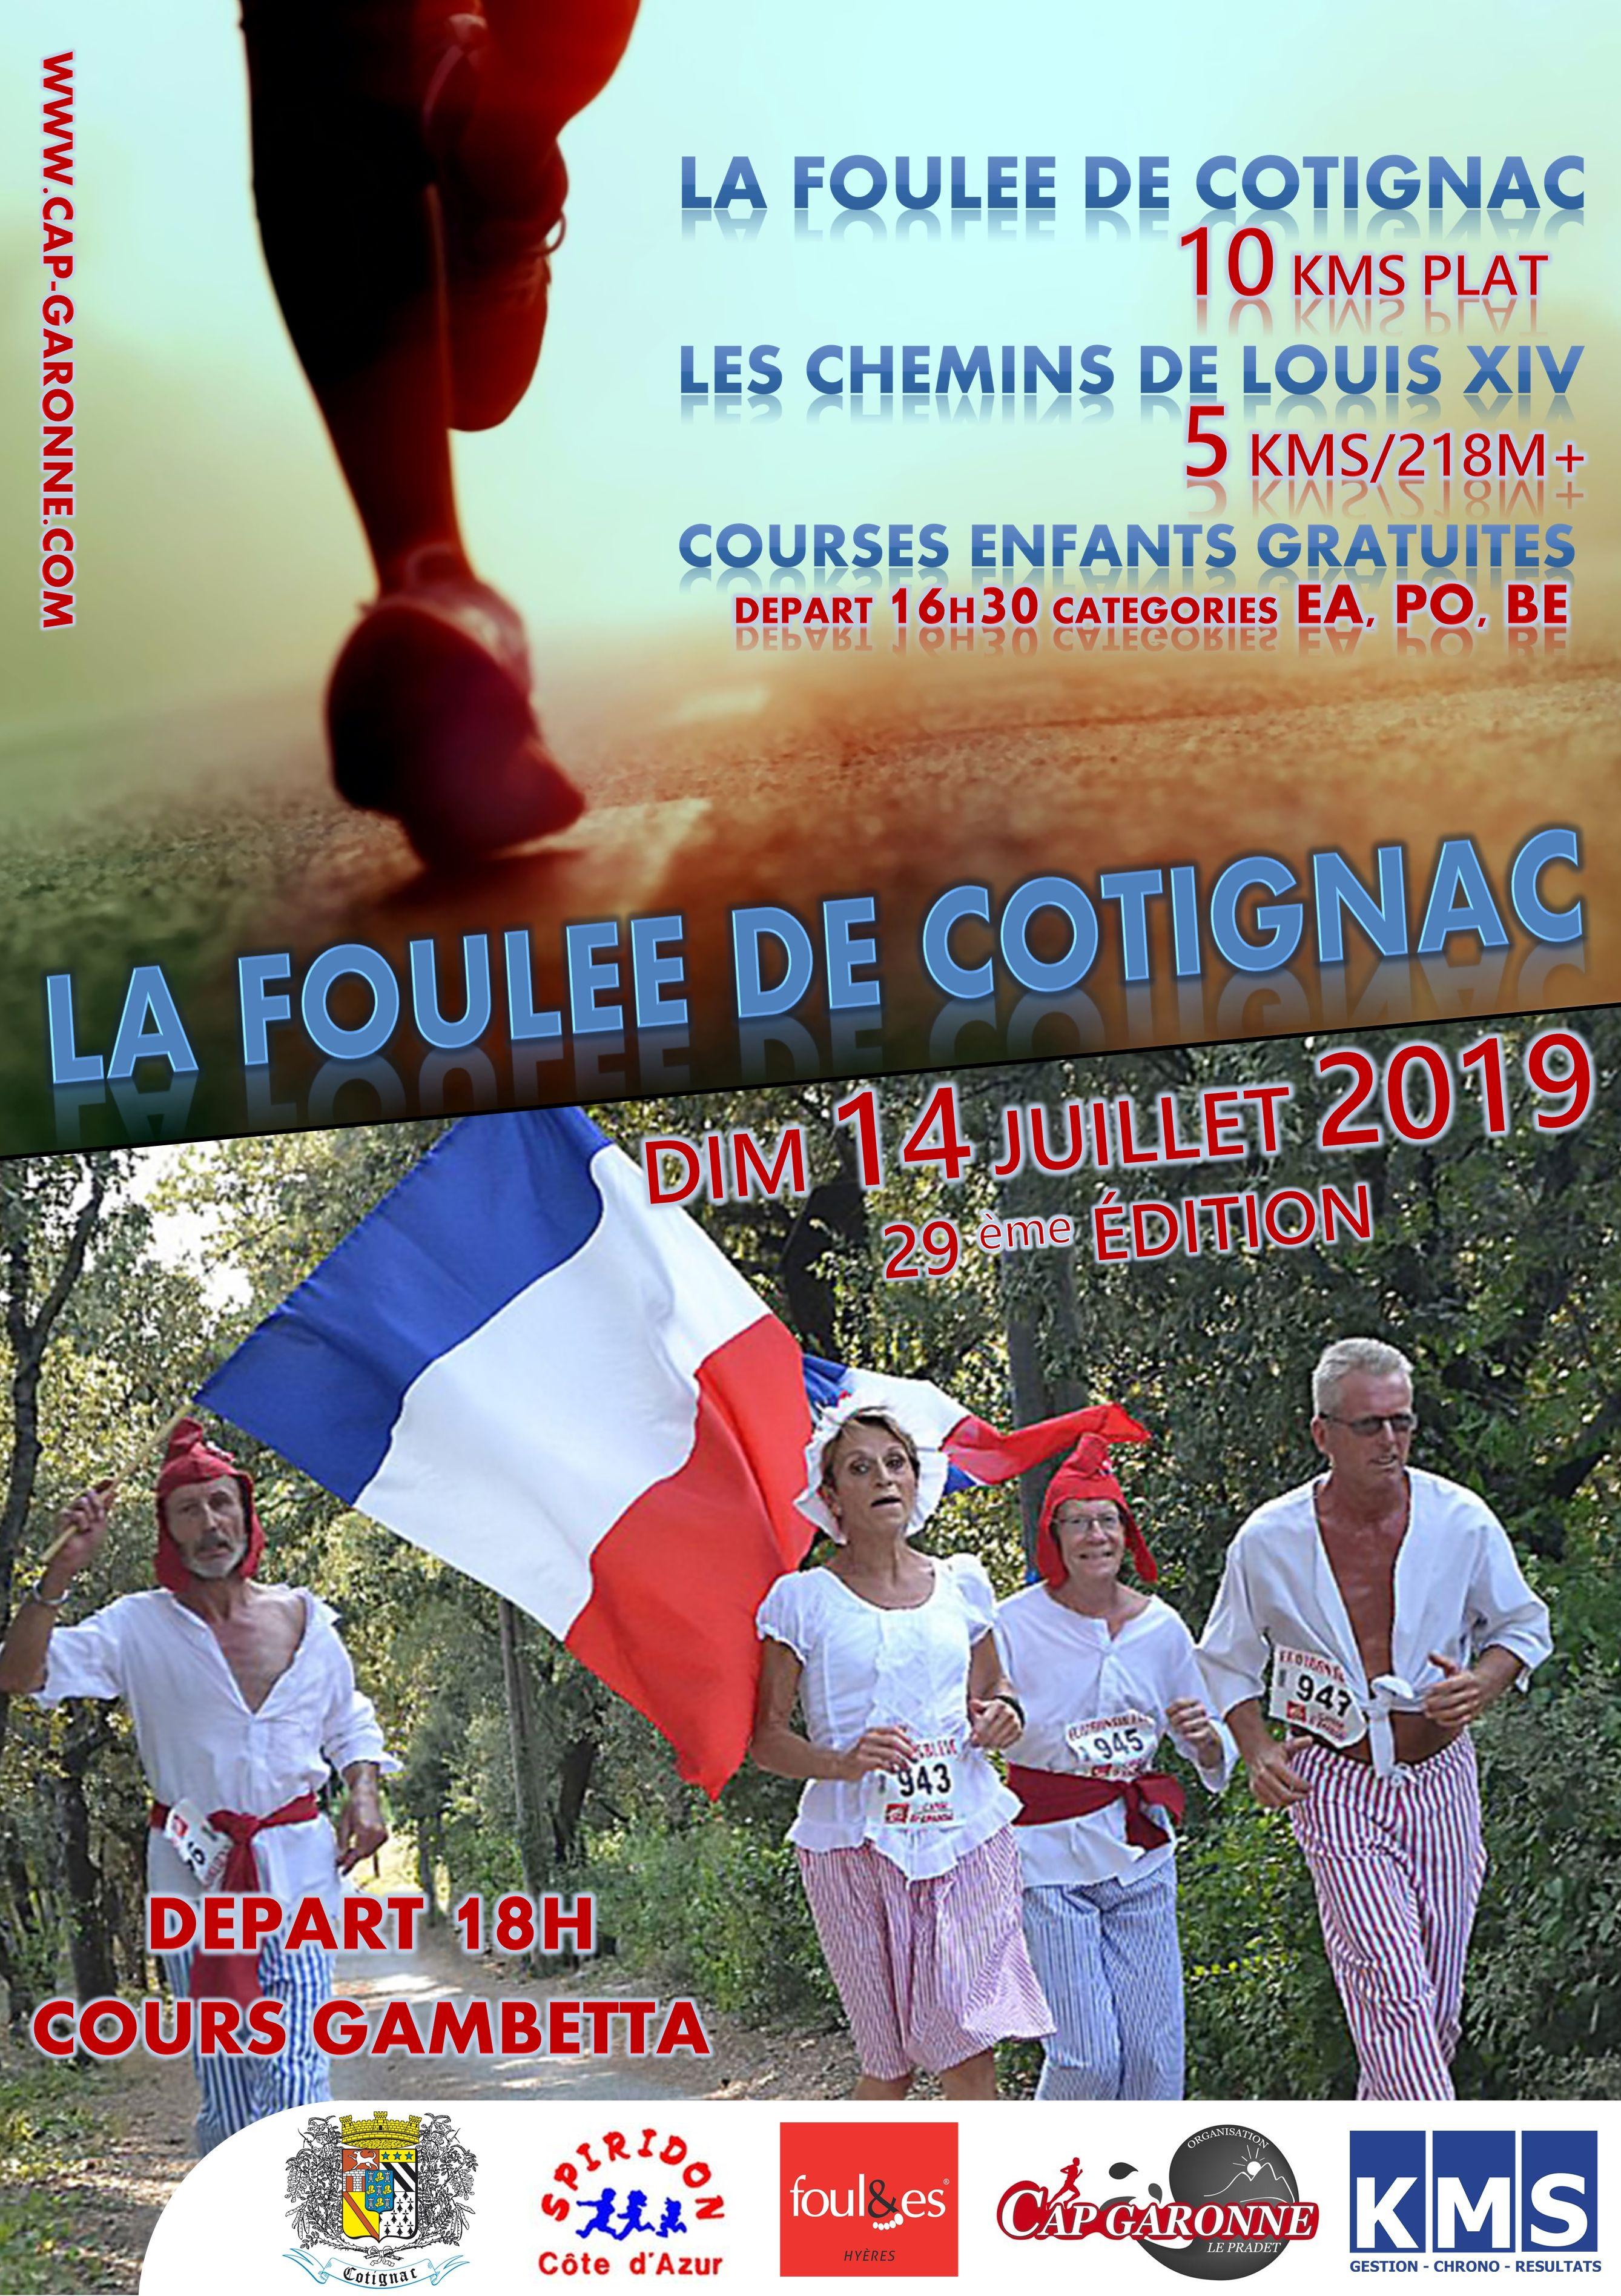 Foulee Cotignac - Les chemins de Louis XIV